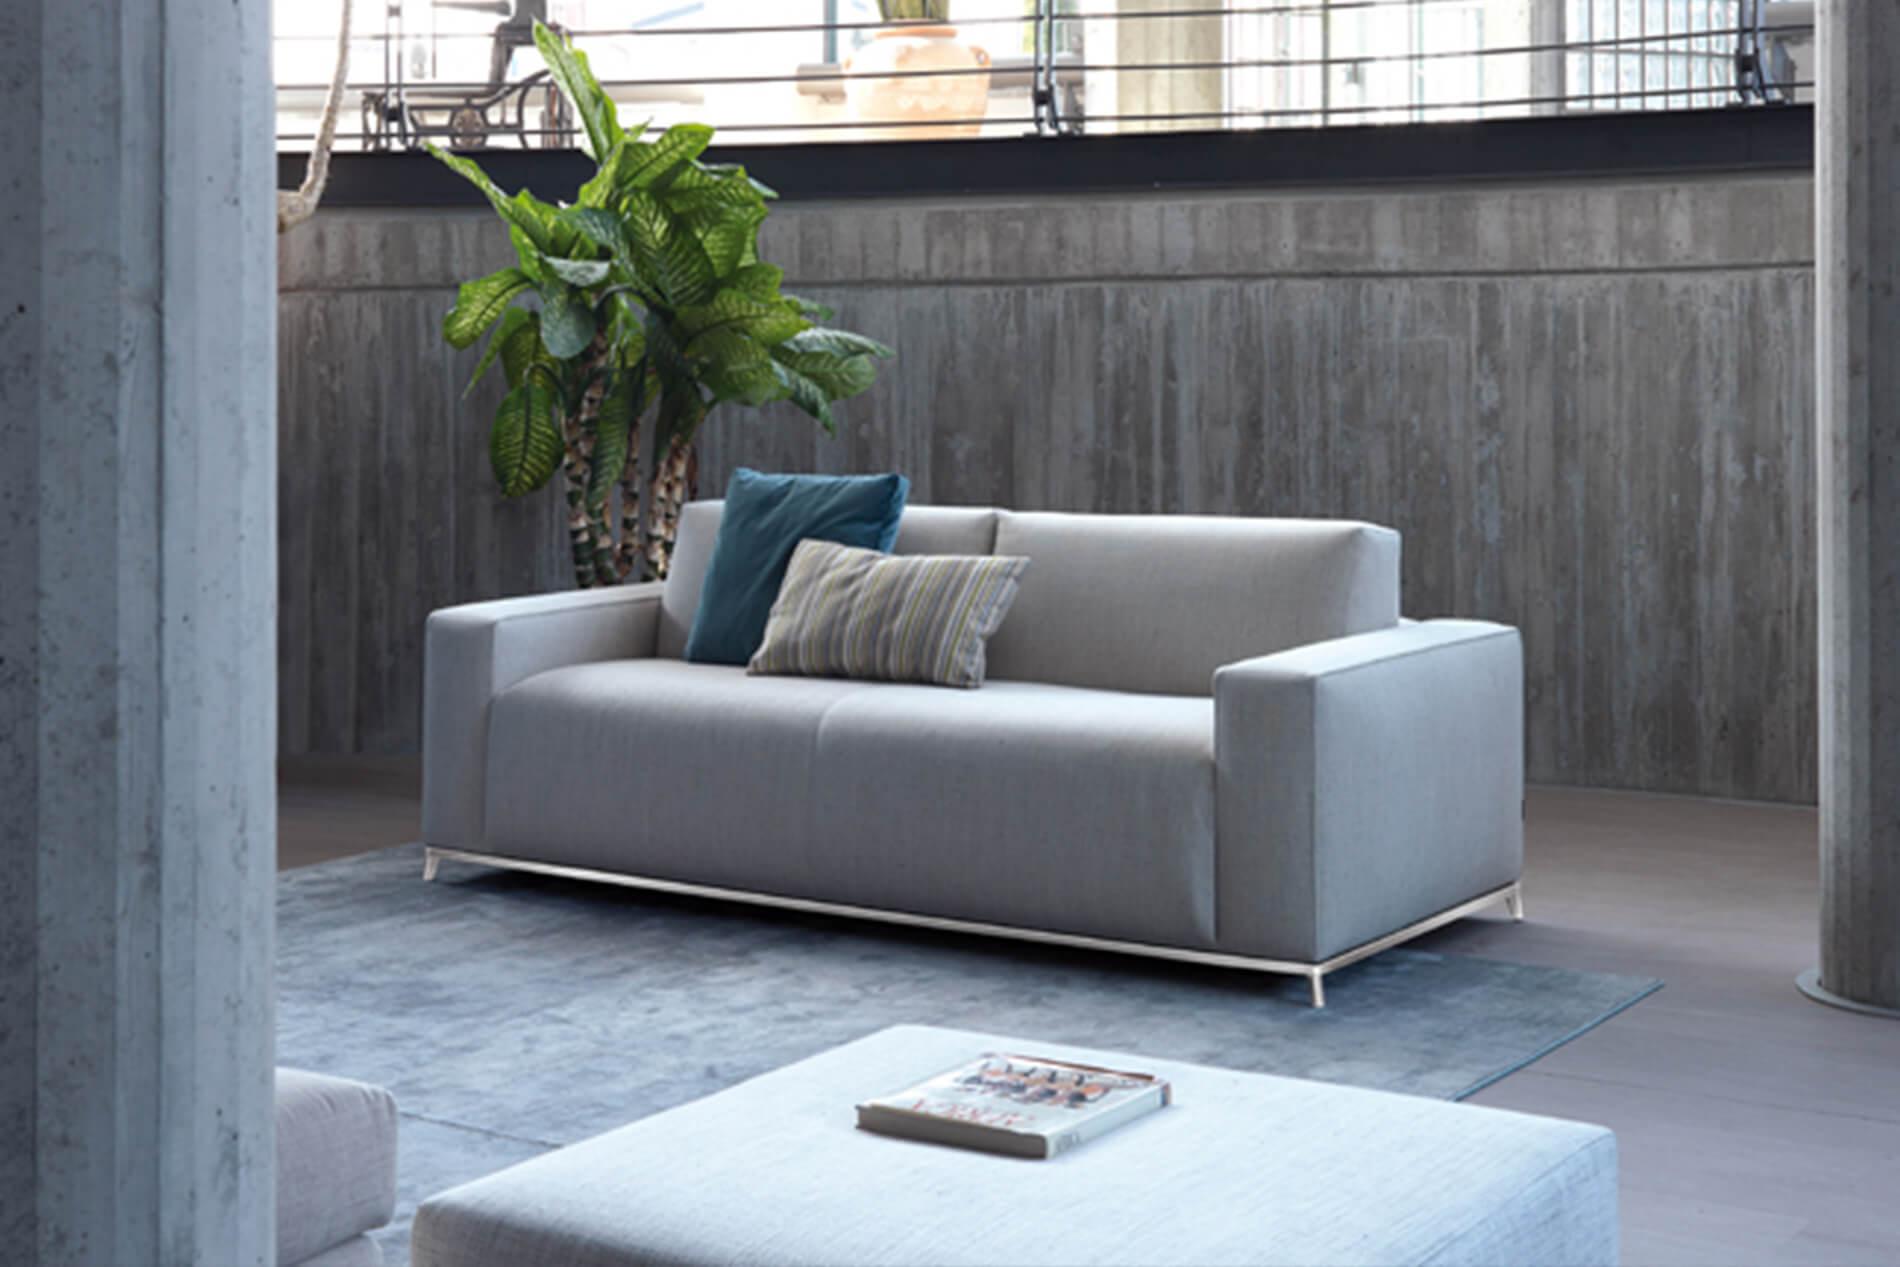 sofa deutscher hersteller sofa deutsche hersteller elegant polstermbel sofas innerhalb das. Black Bedroom Furniture Sets. Home Design Ideas